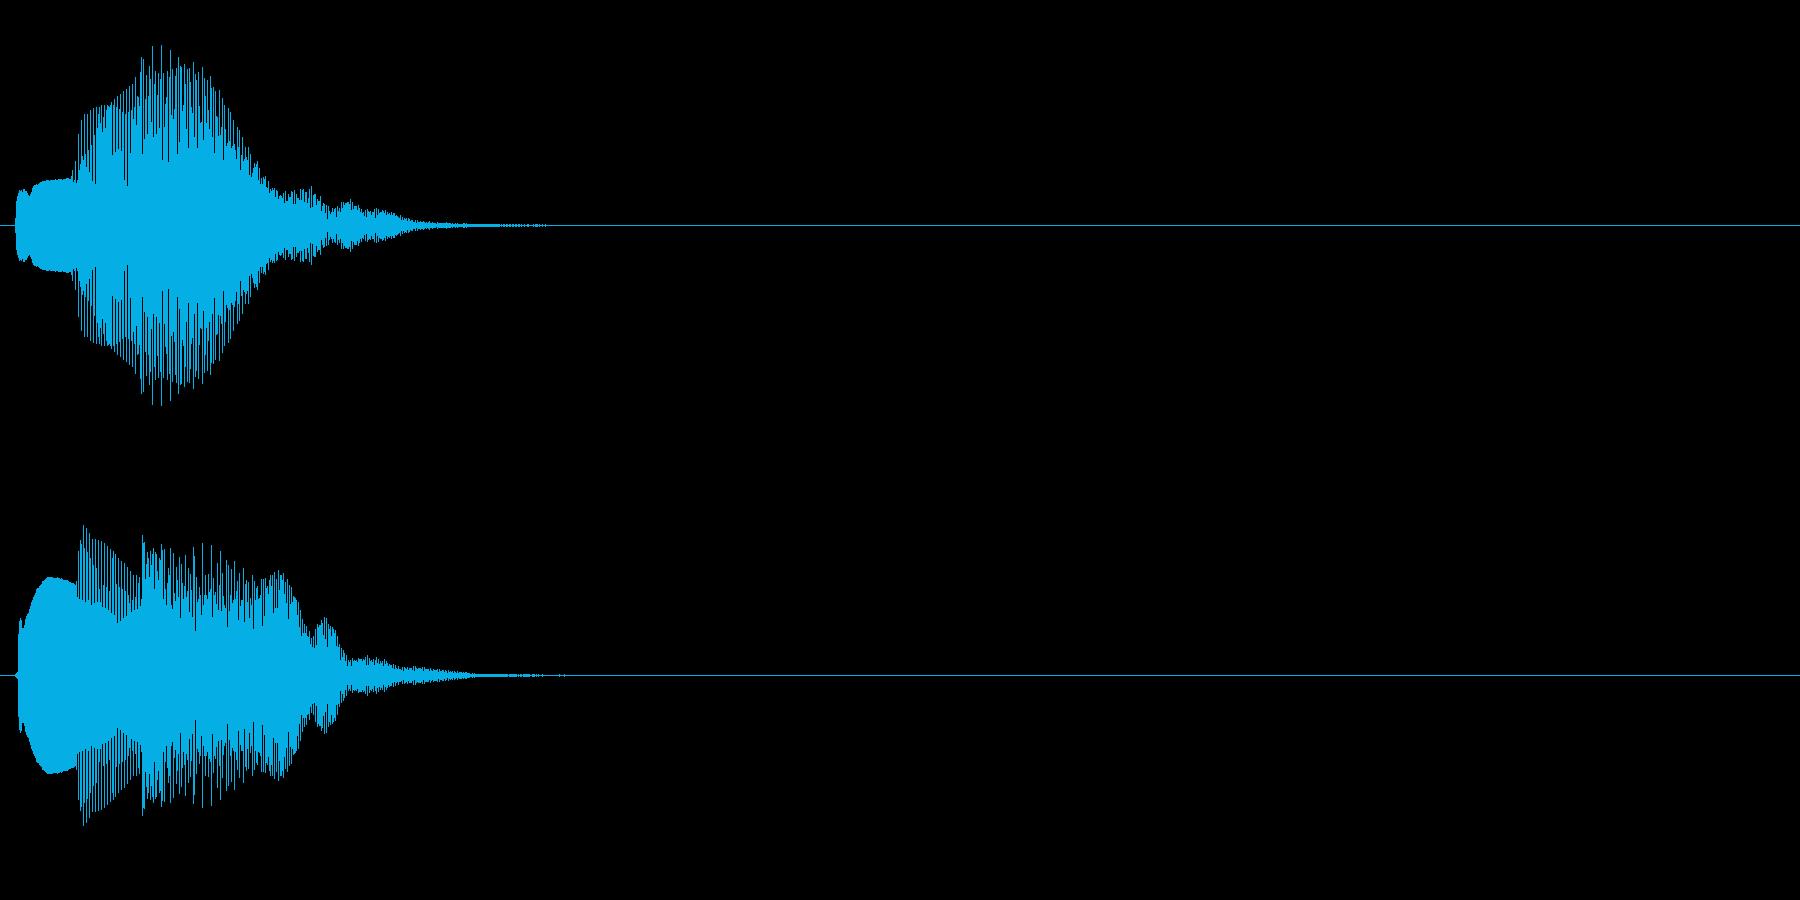 汎用 エレピ系06(中) 別窓表示の再生済みの波形